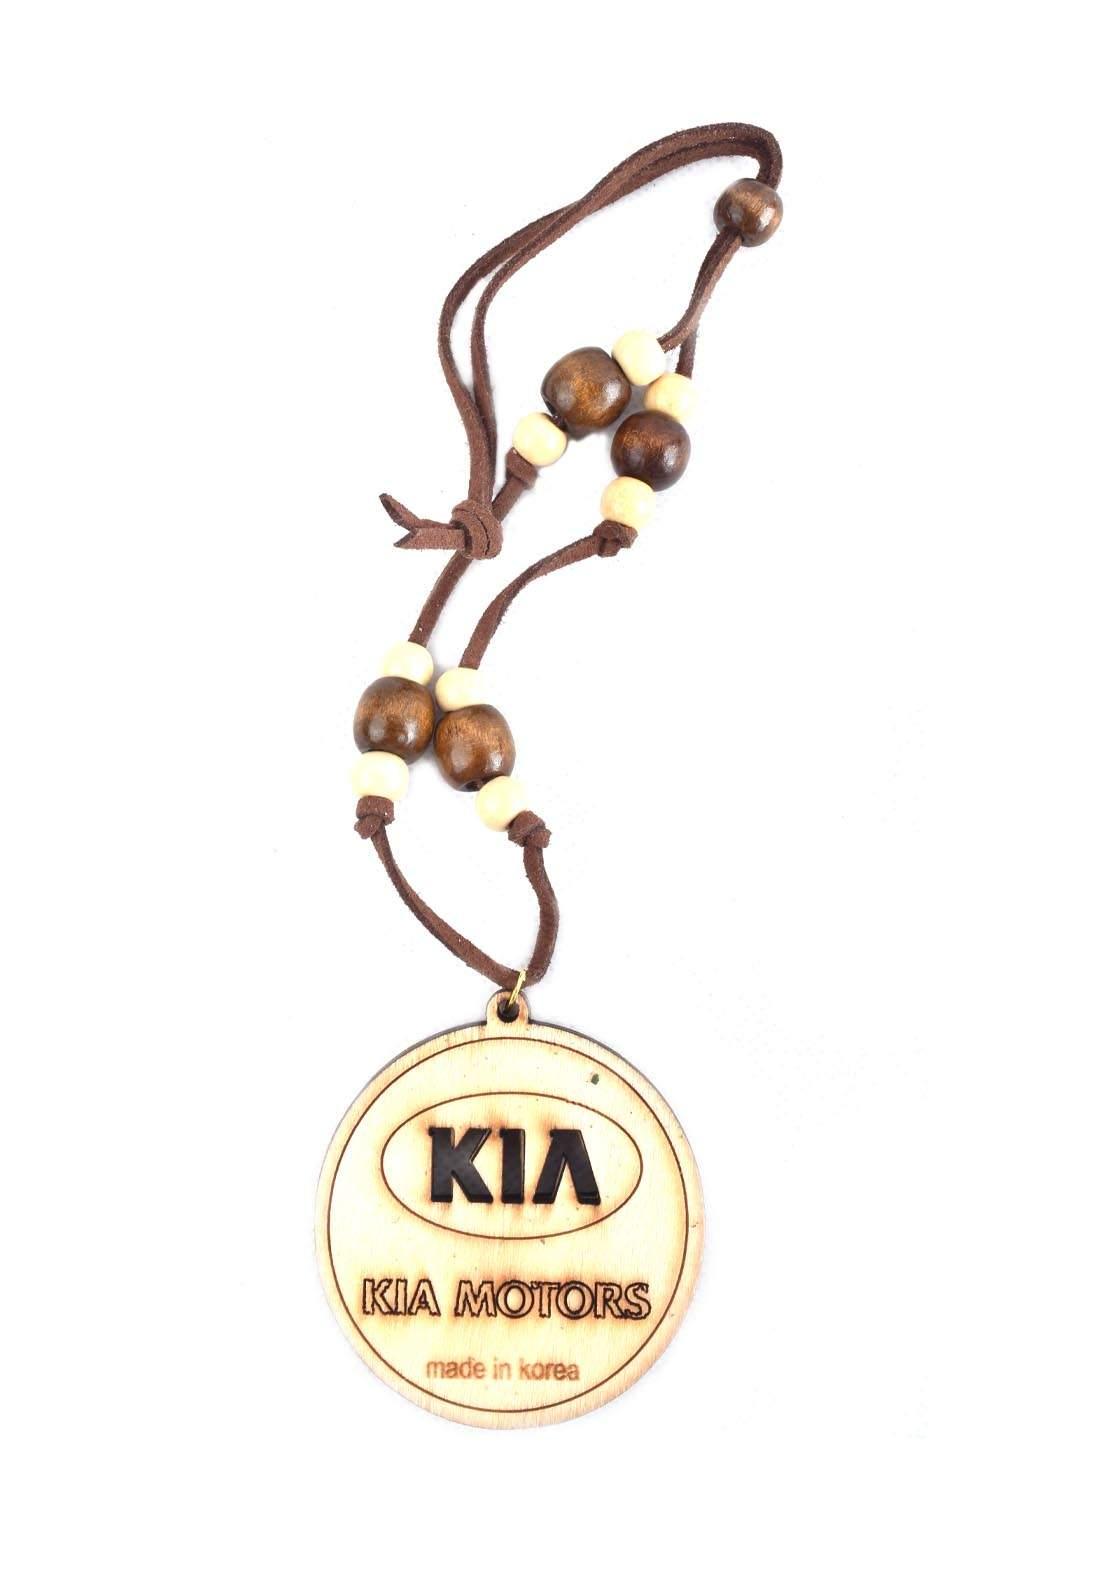 Car Medal - Kia تعليقة مرآة السيارة